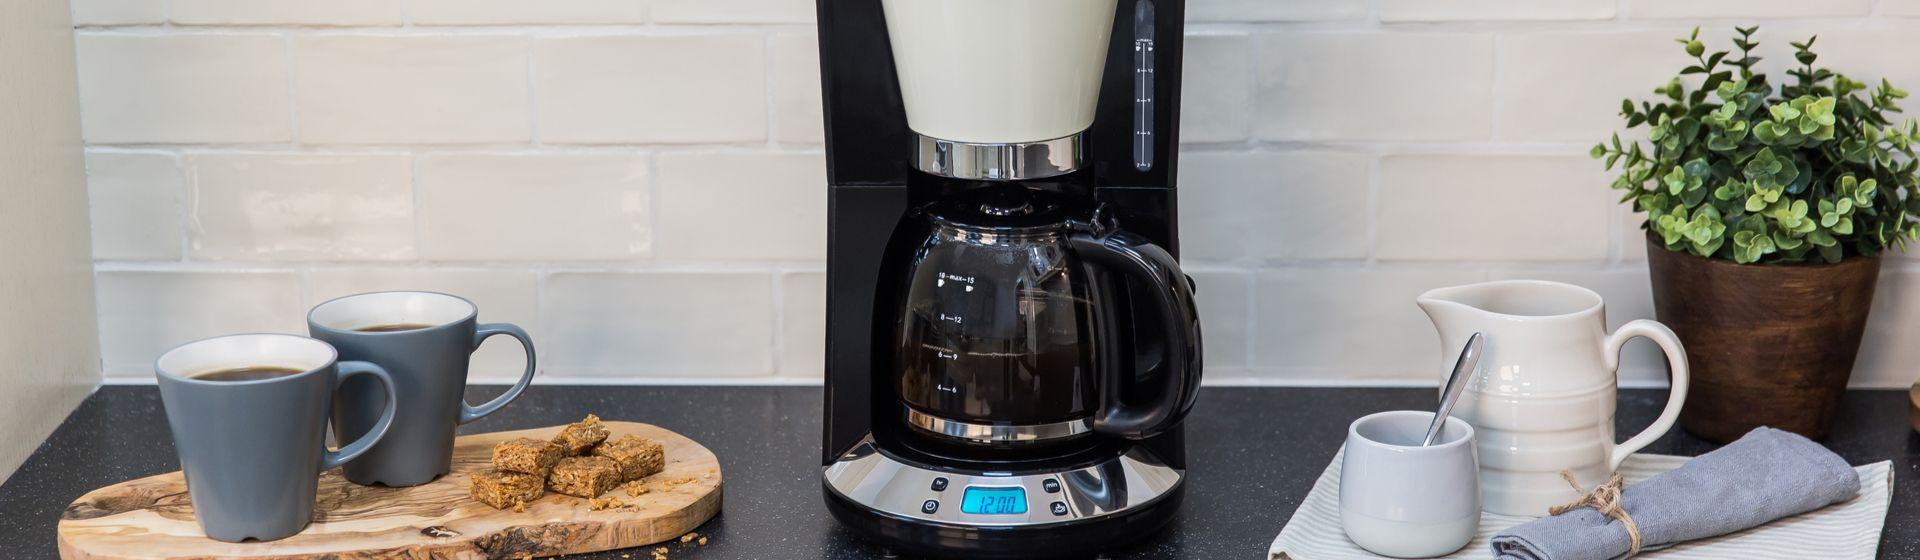 Cafeteira elétrica: melhores modelos para comprar em 2021